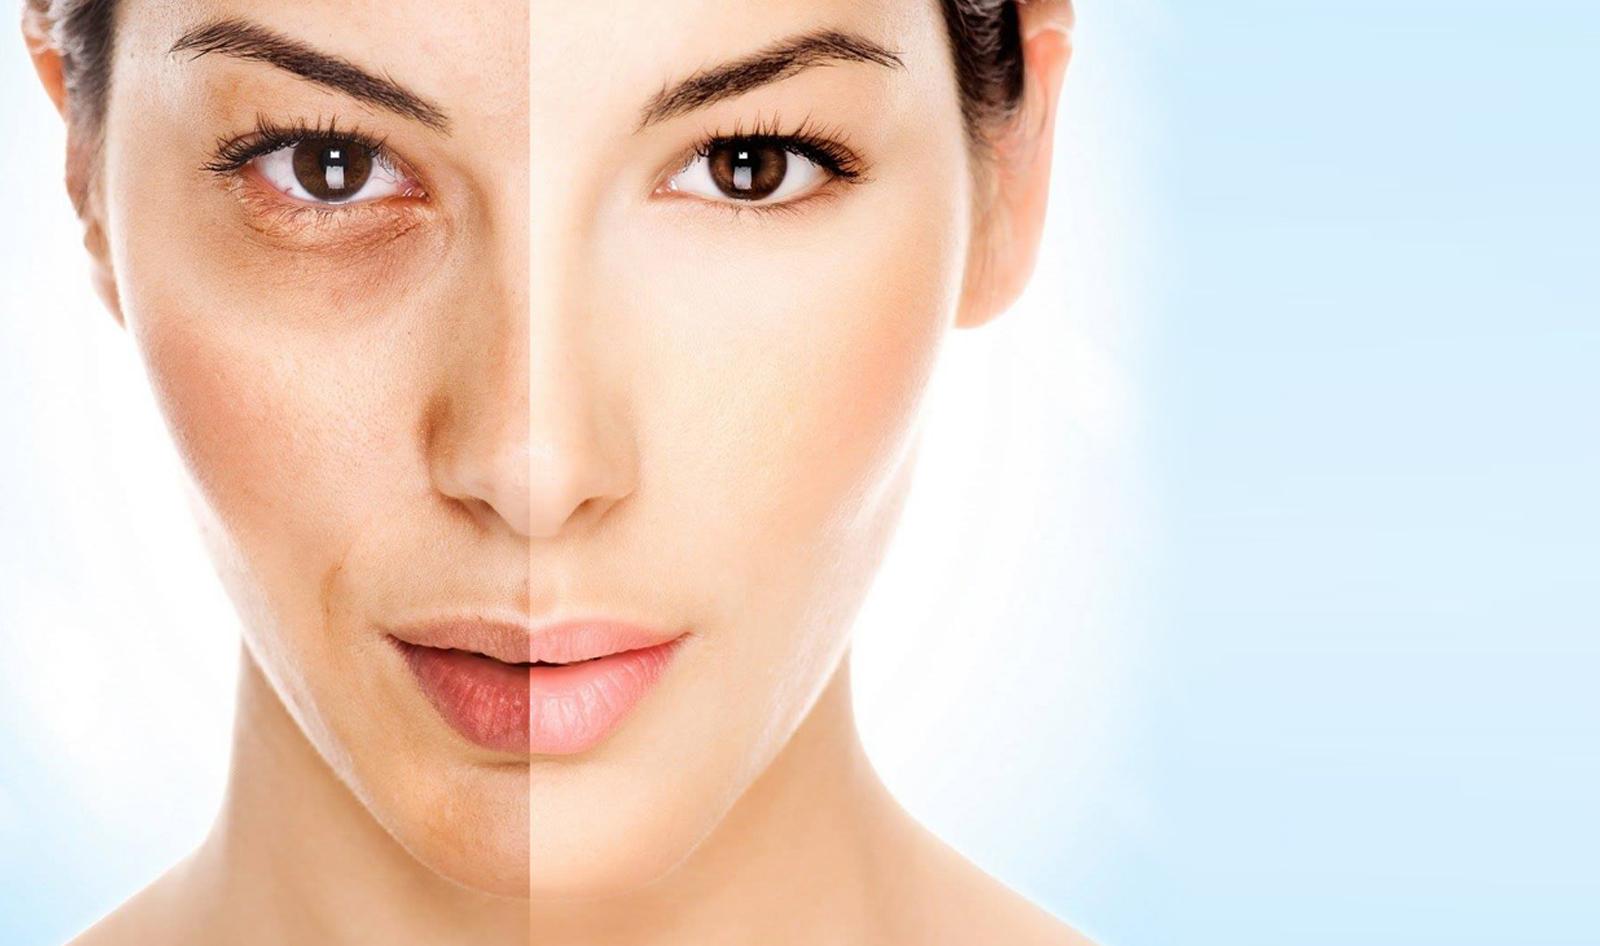 Чем и как отбелить кожу лица в домашних условиях быстро